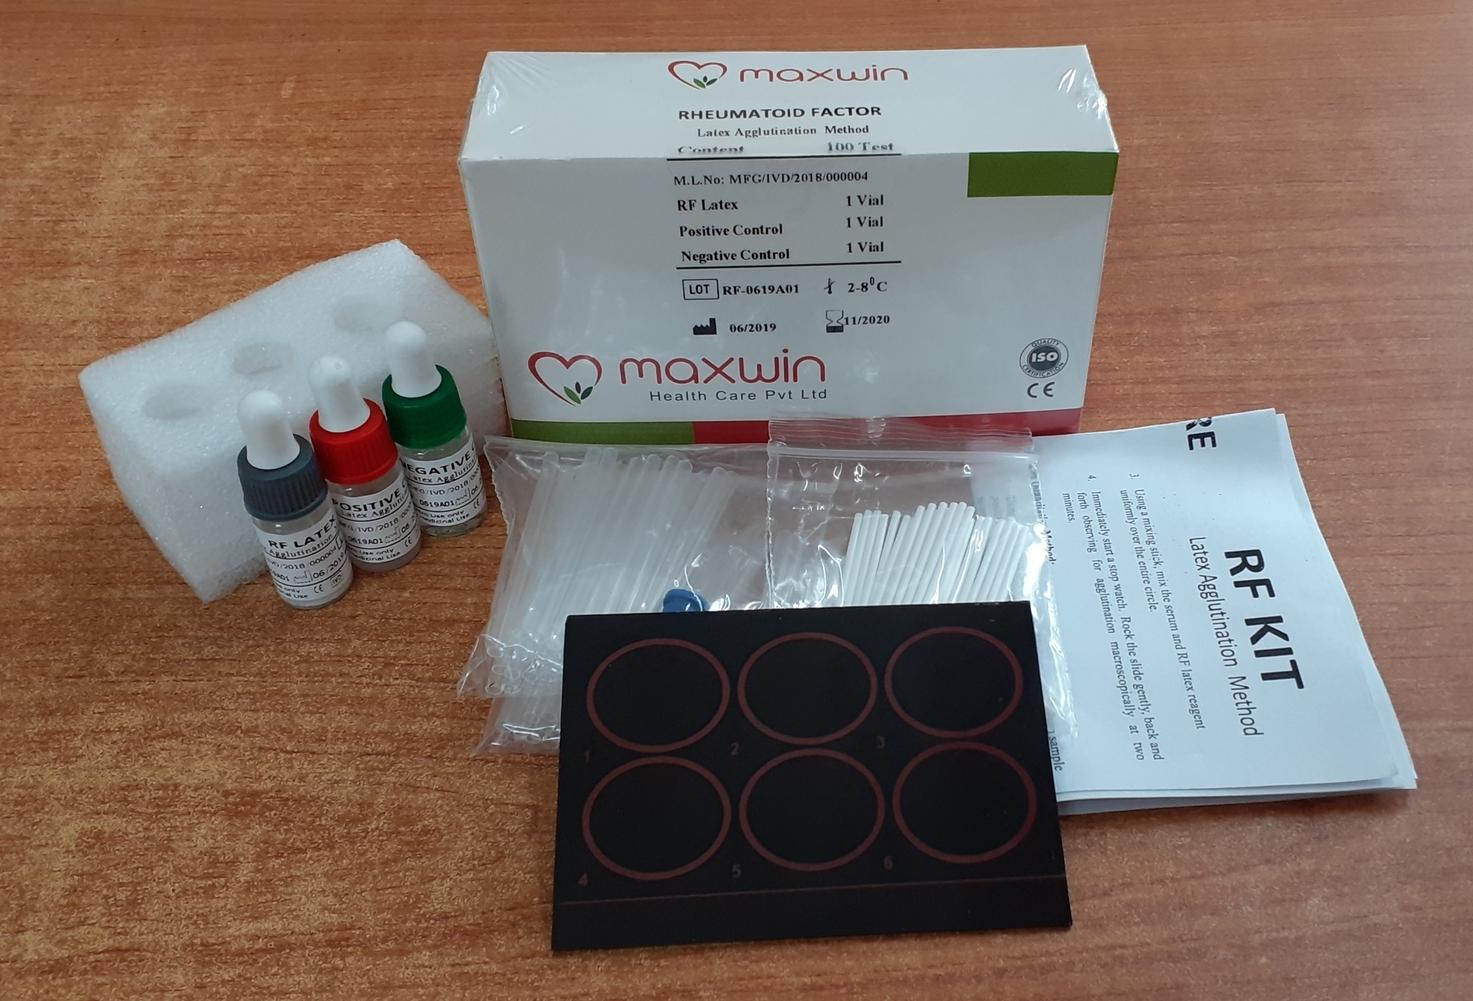 RF Latex Test Kit